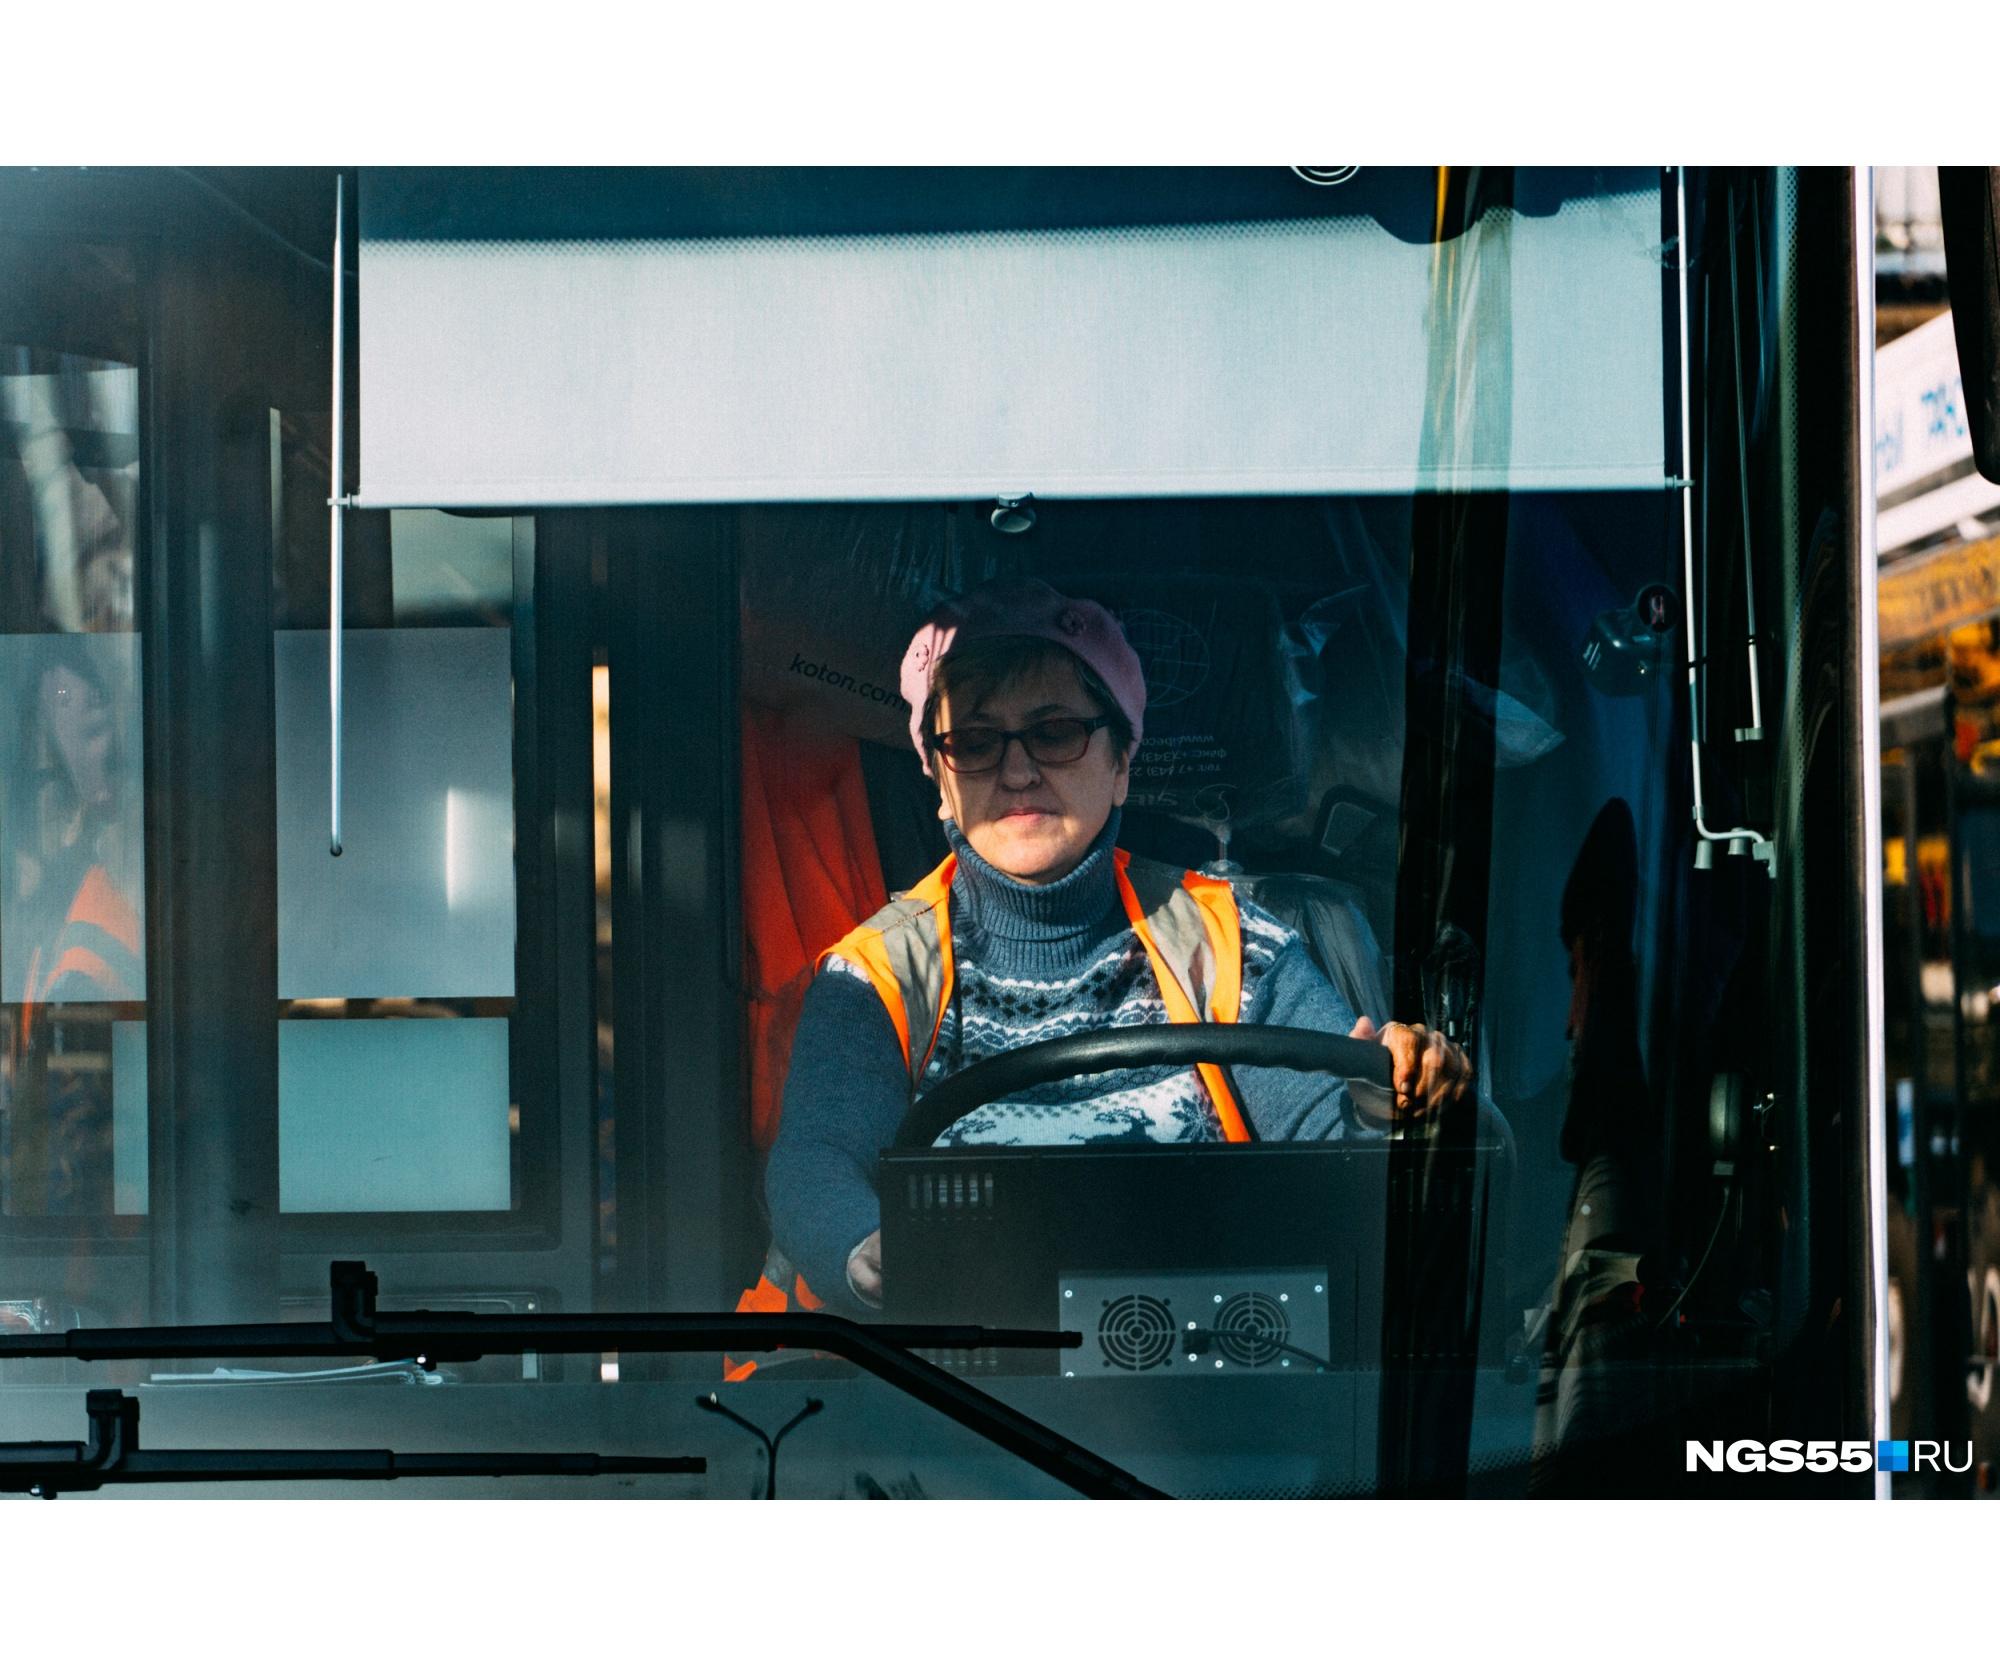 Правда, повез их уже другой водитель. Кстати, работники поставили троллейбусам высокую оценку — говорят ими легко управлять